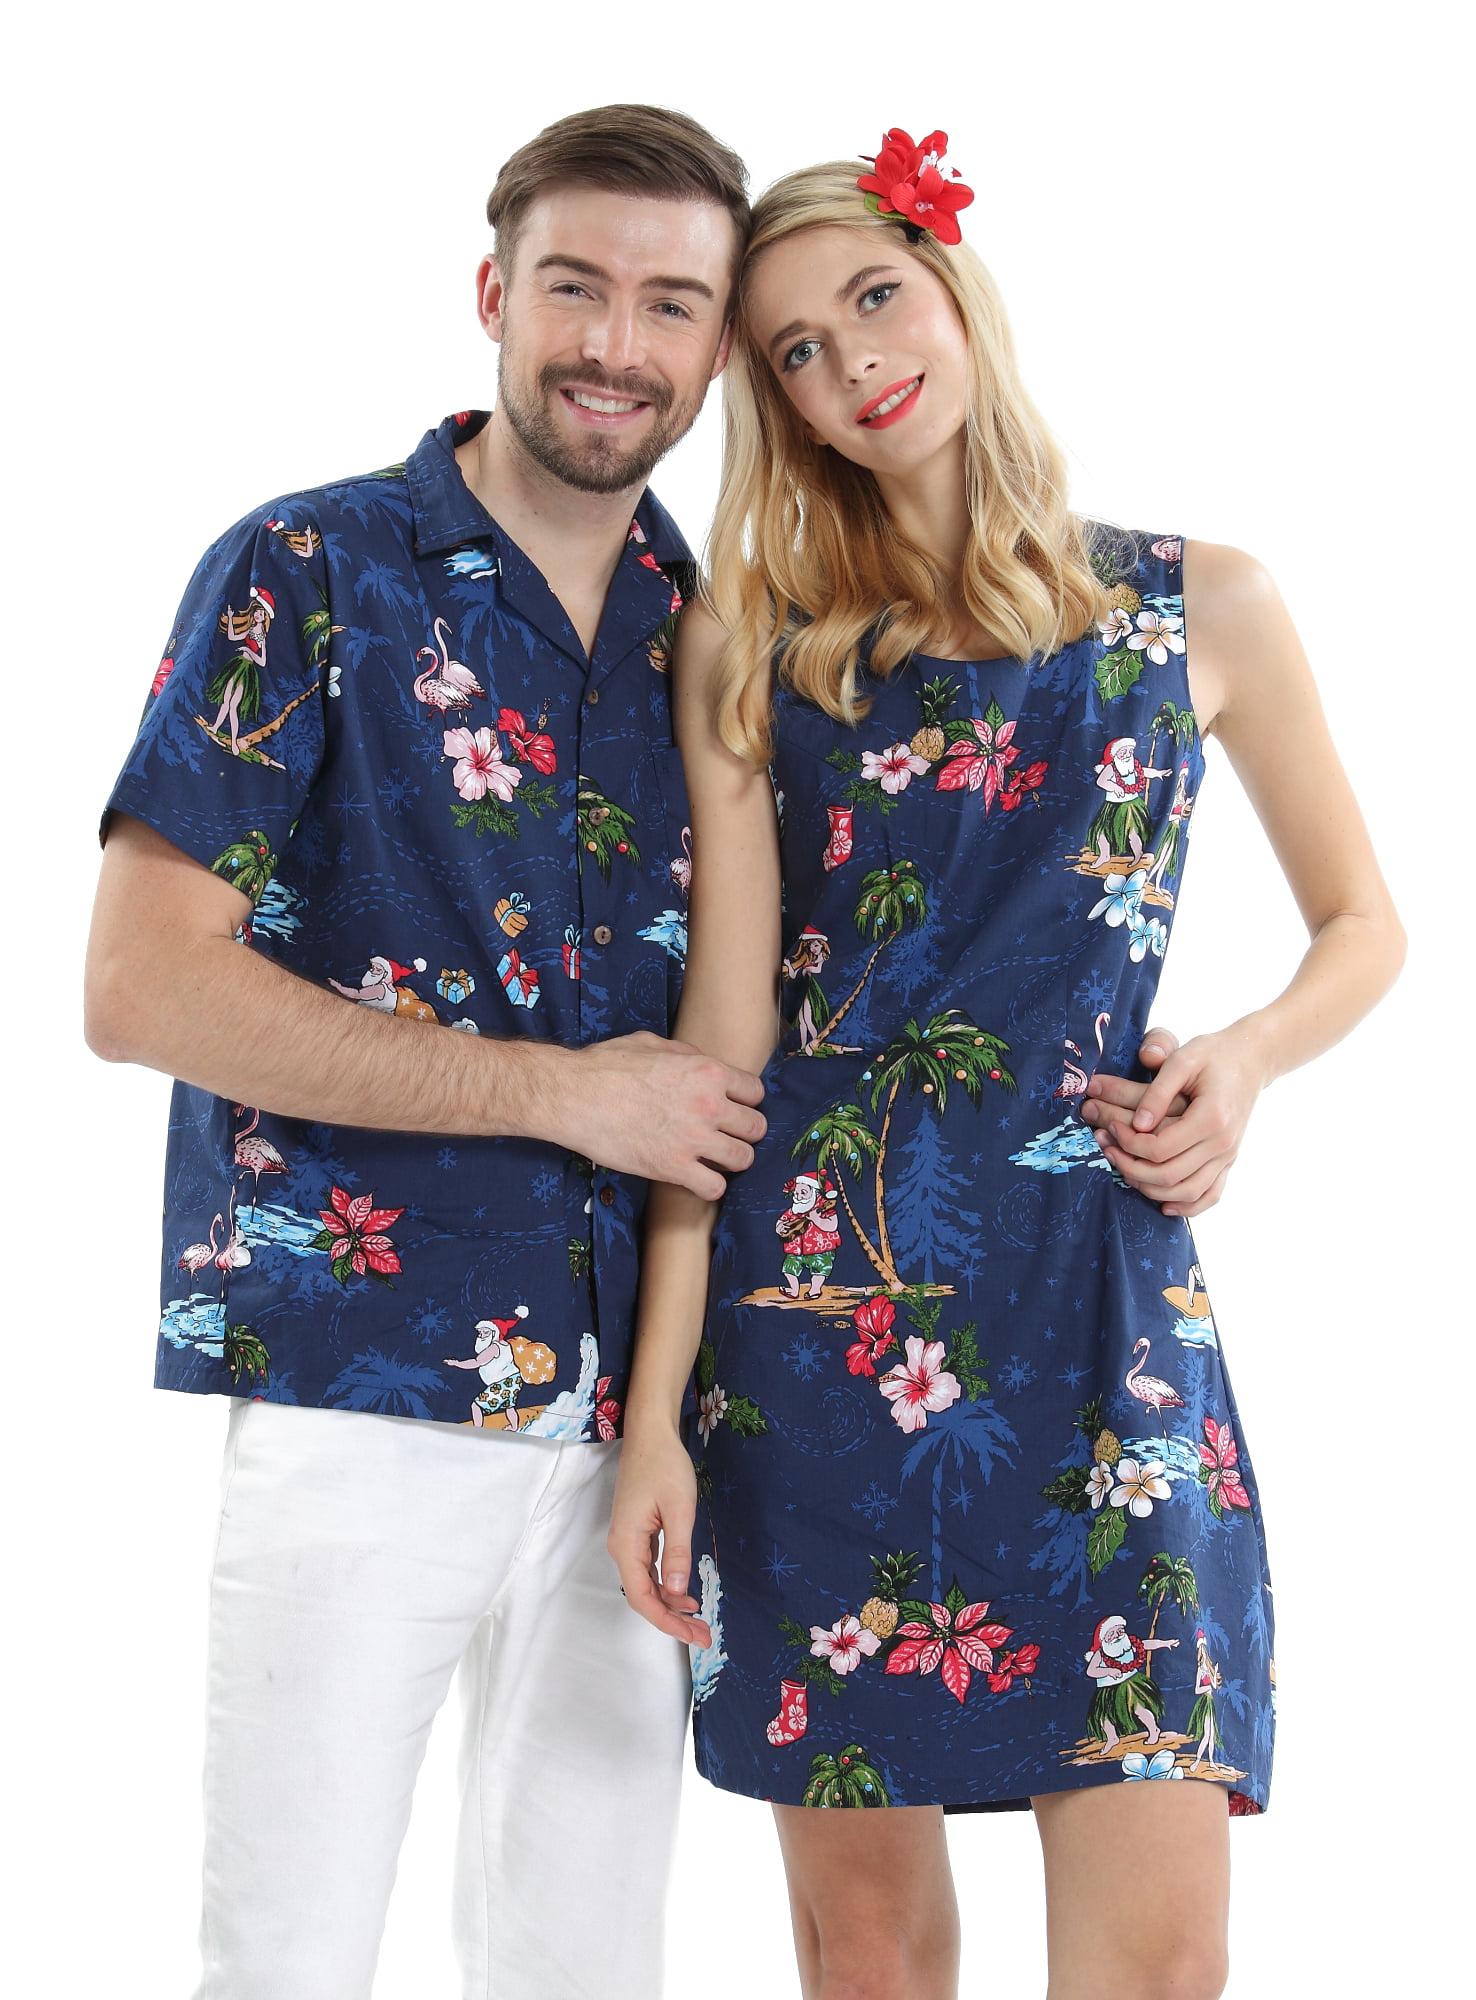 Christmas Hawaiian Shirt Womens.Couple Matching Hawaiian Luau Cruise Christmas Outfit Shirt Dress Santa Navy Men M Women L